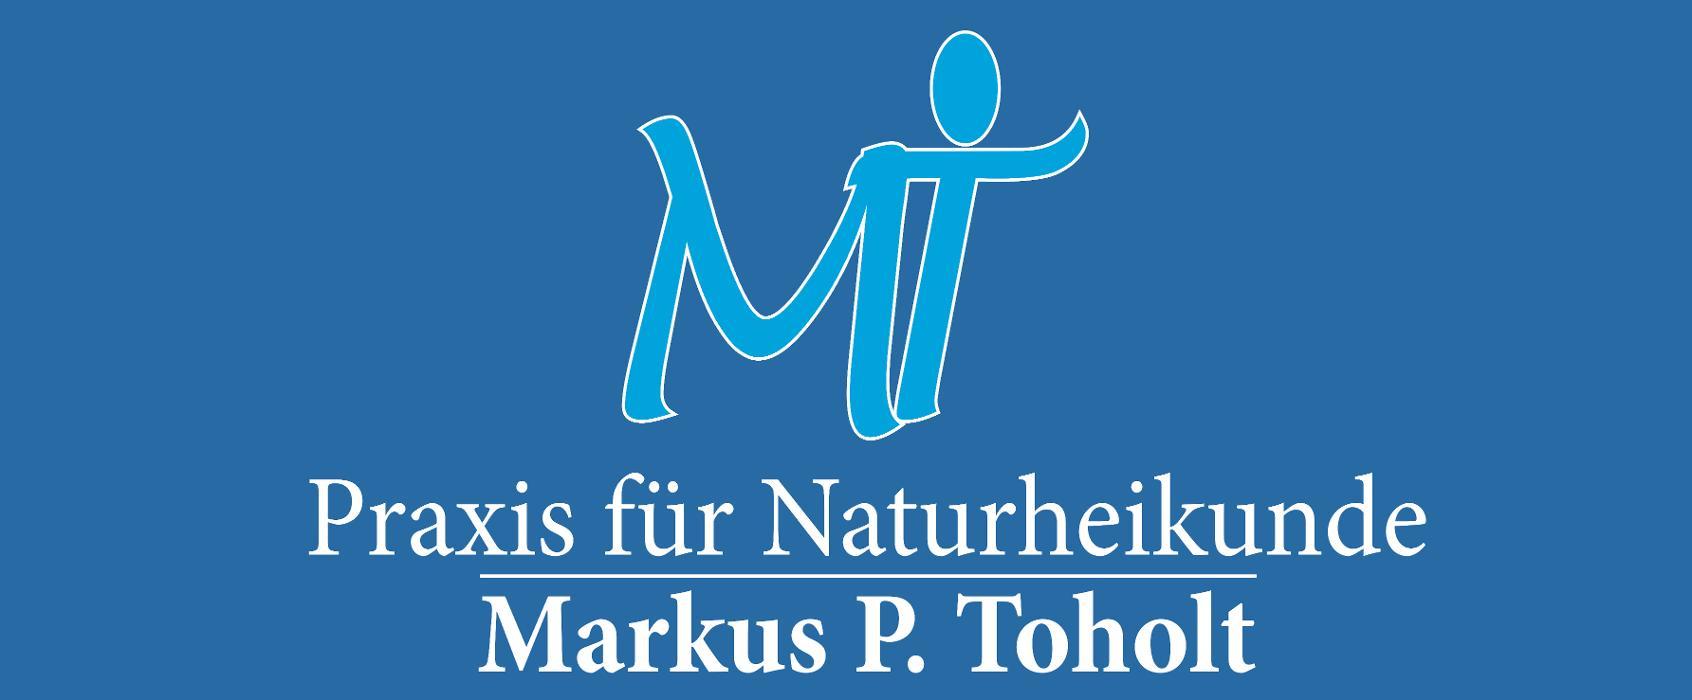 Bild zu Praxis für Naturheilkunde Markus P. Toholt in Roth in Mittelfranken